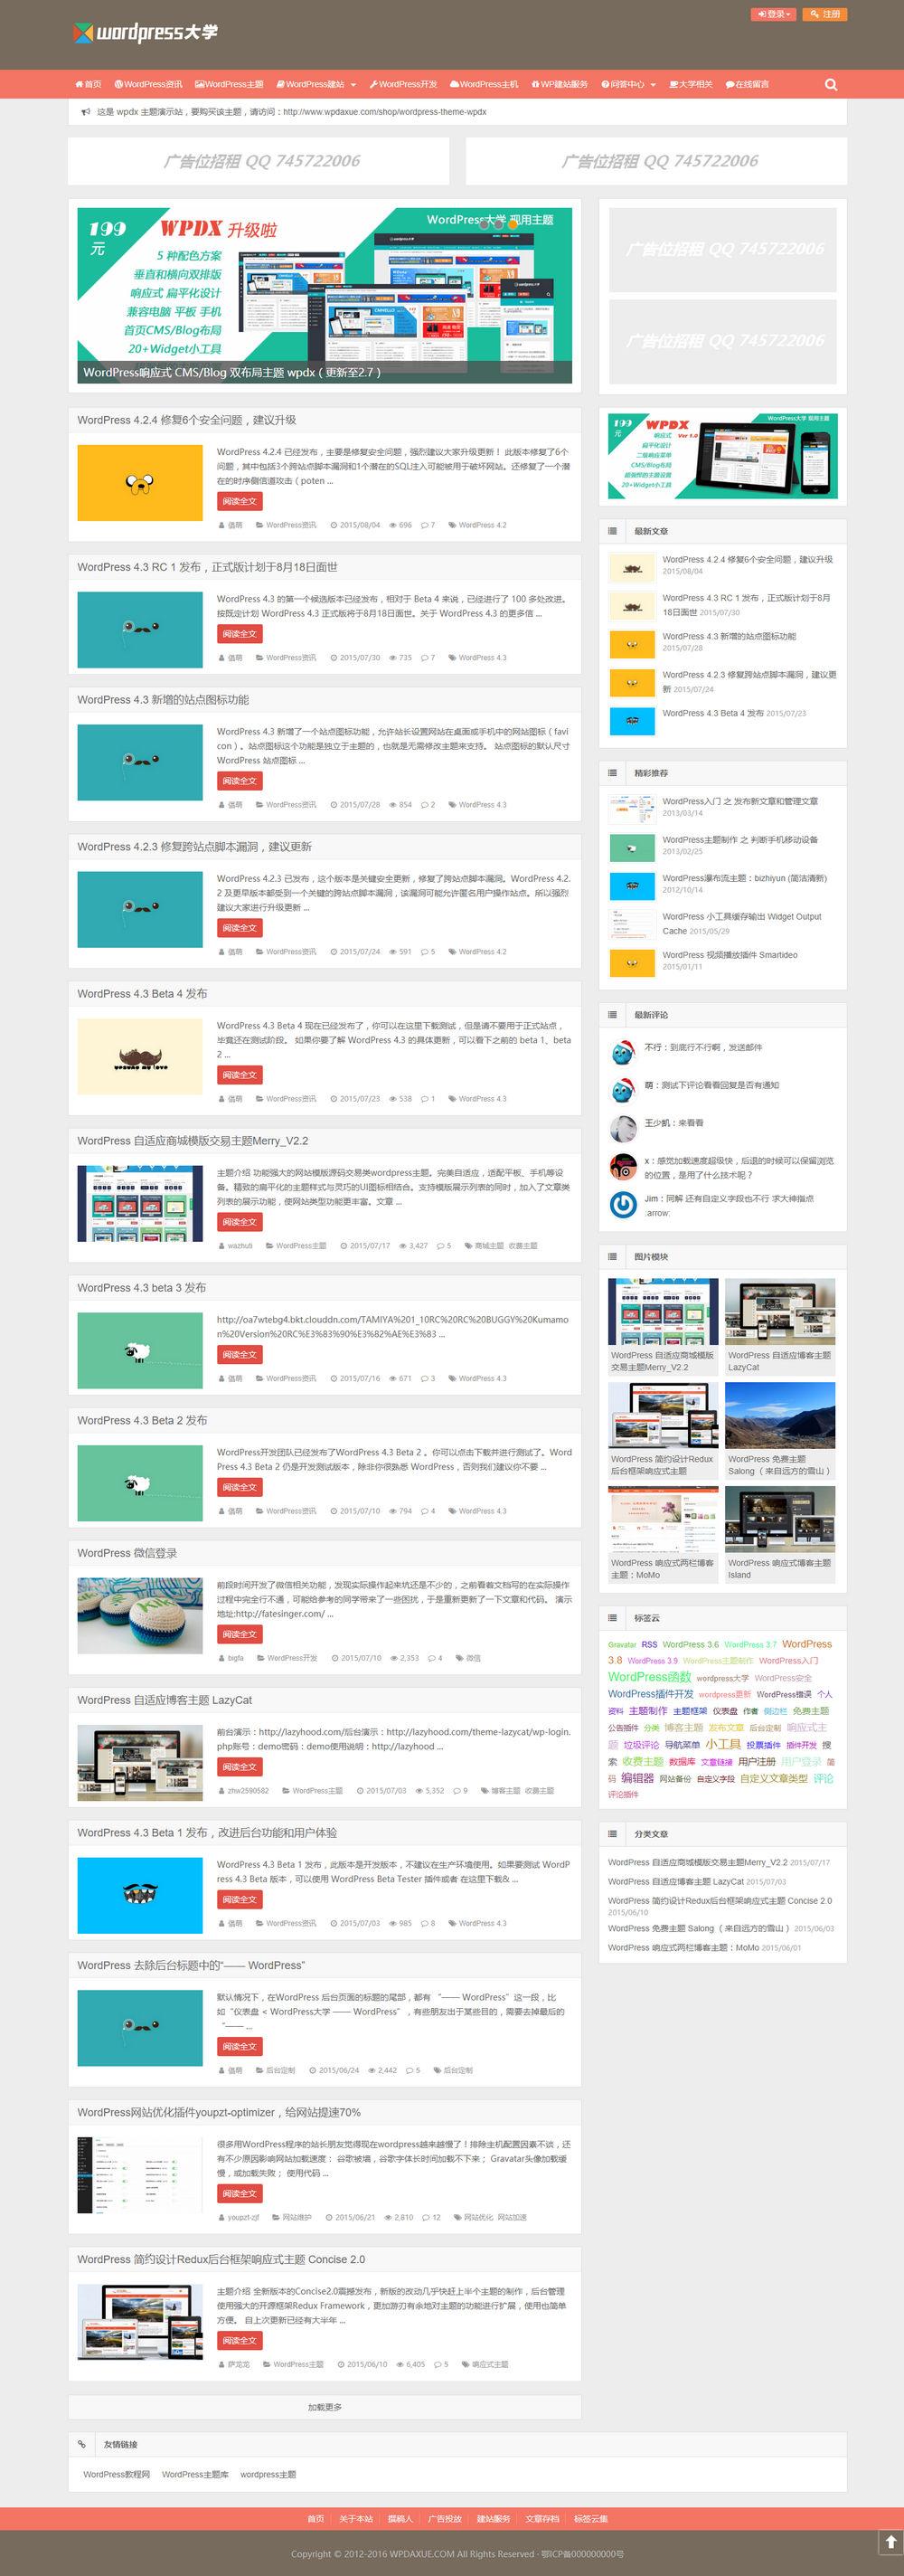 WordPress 博客/杂志/CMS主题 wpdx4.3 无限制版本+含用户中心+插件 [v4.3版]